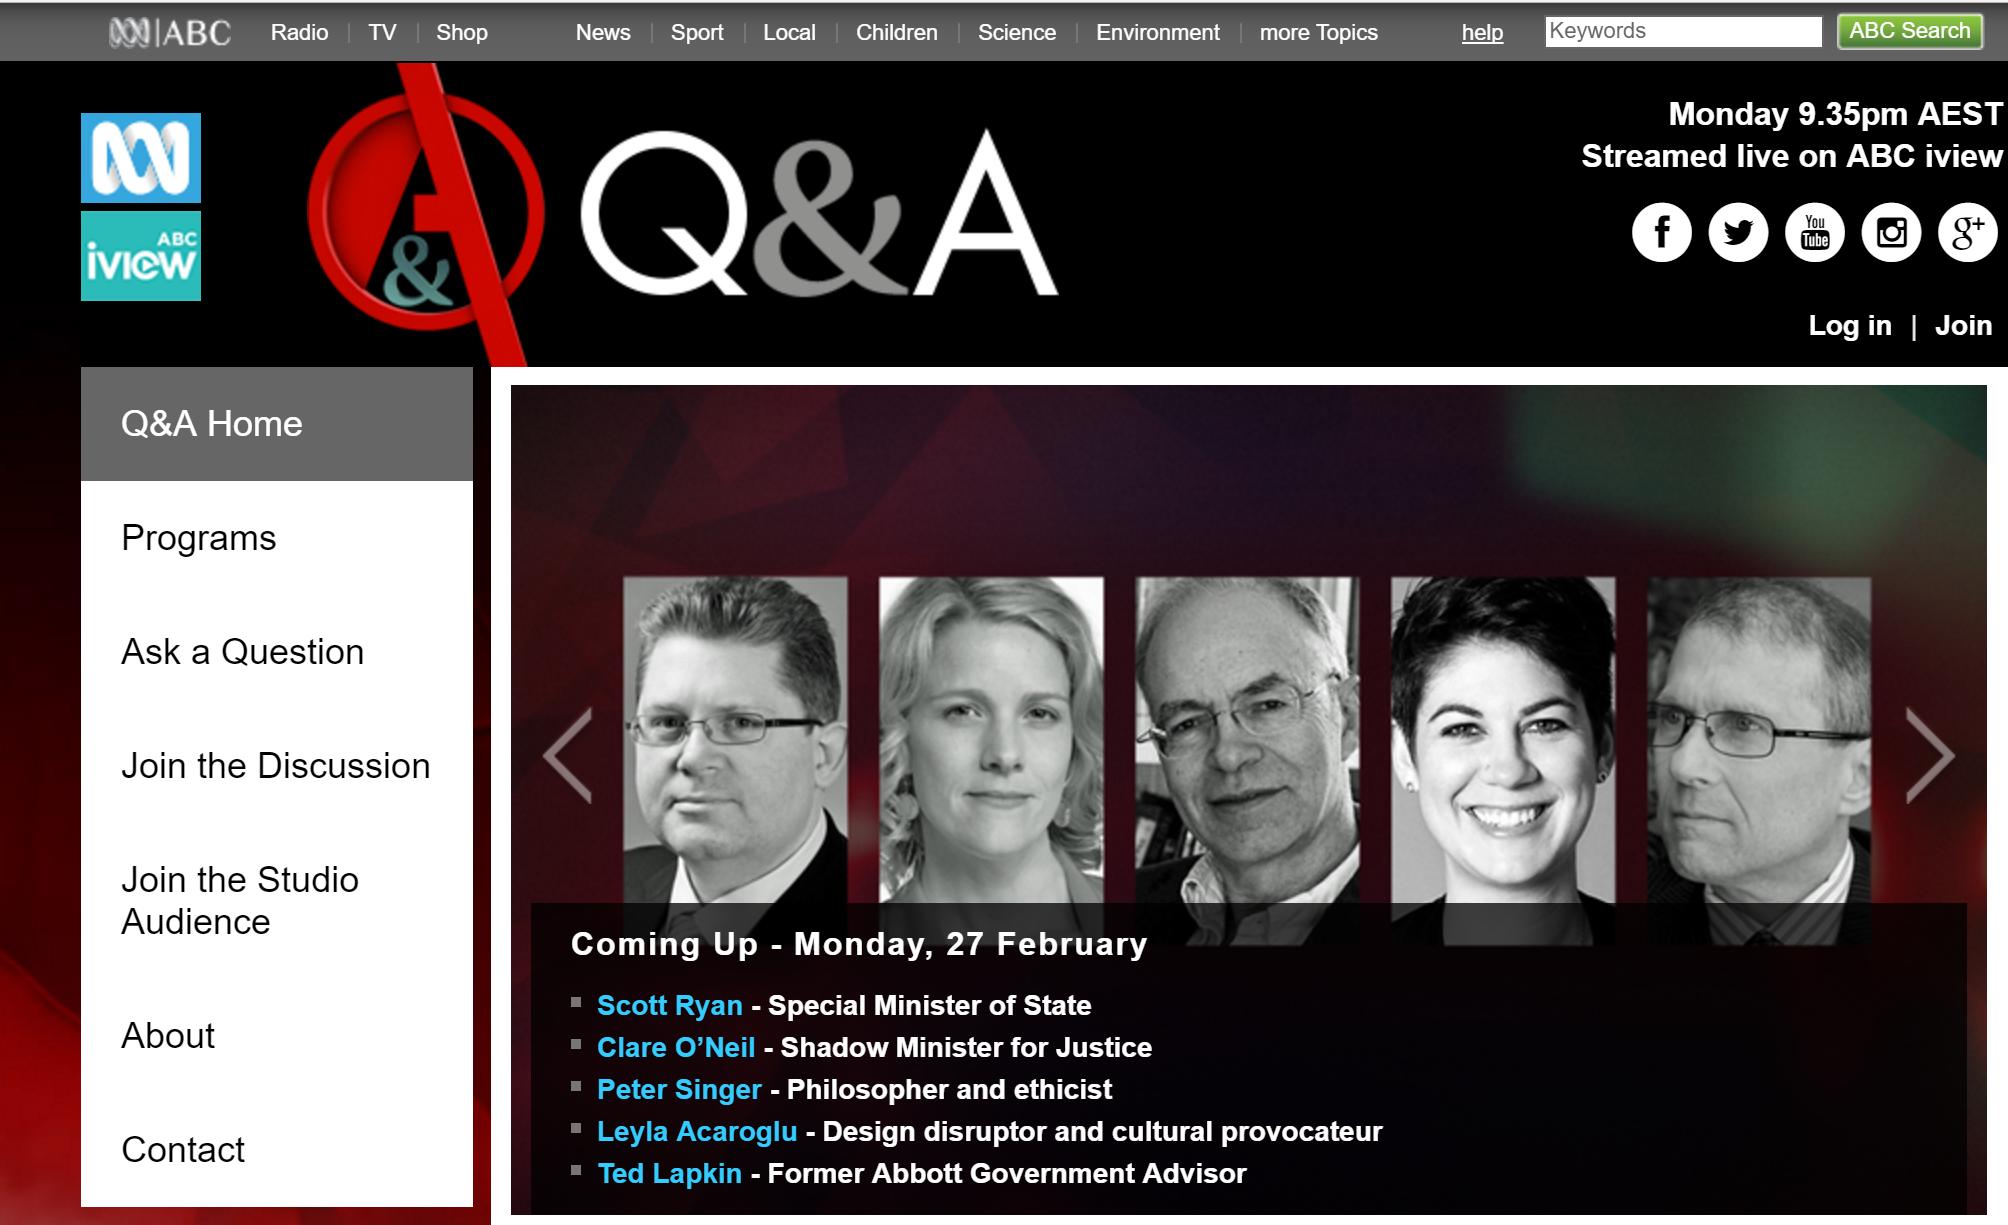 Leyla Acaroglu on ABC Q and A